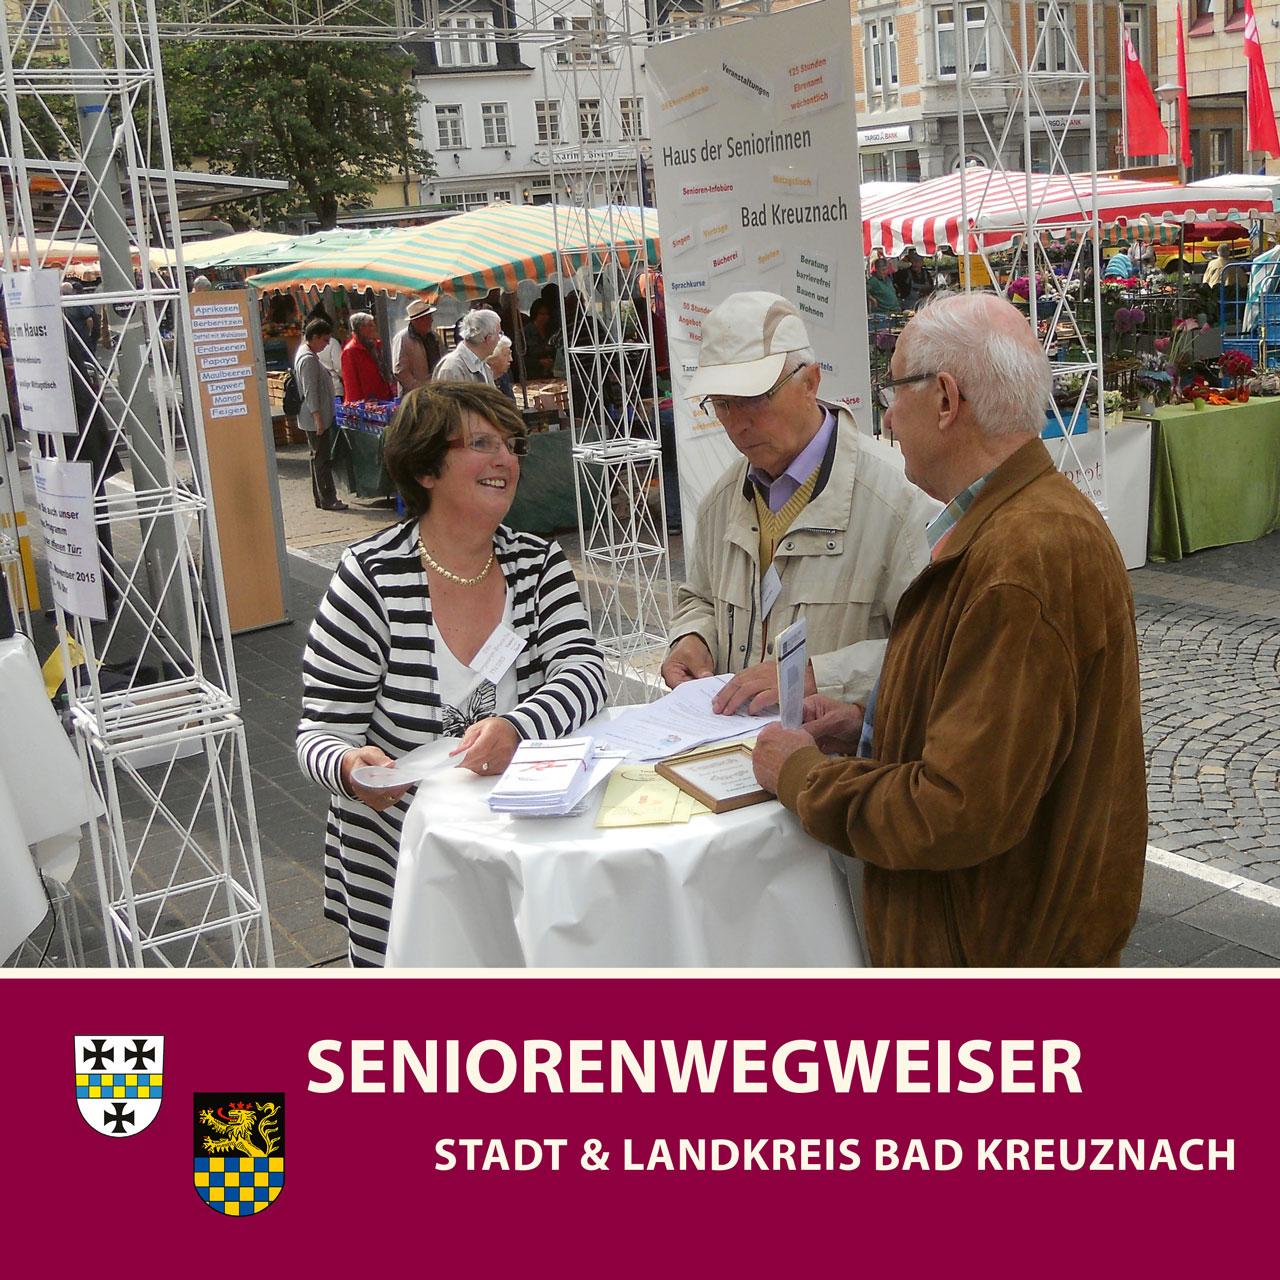 Stadt & Landkreis Bad Kreuznach